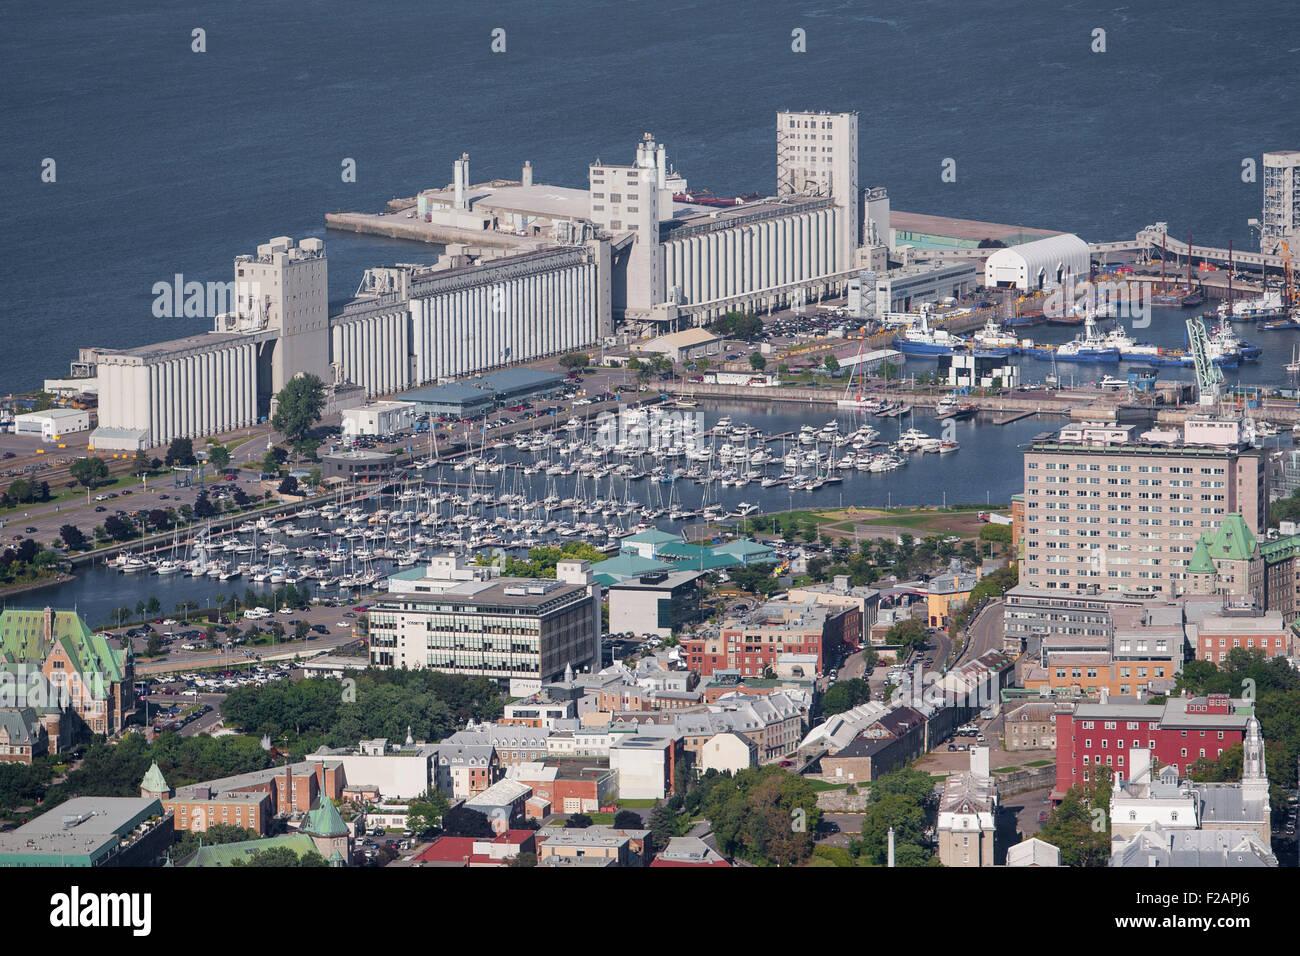 Marina du port de quebec and the bunge grain silos are for Porte quebec